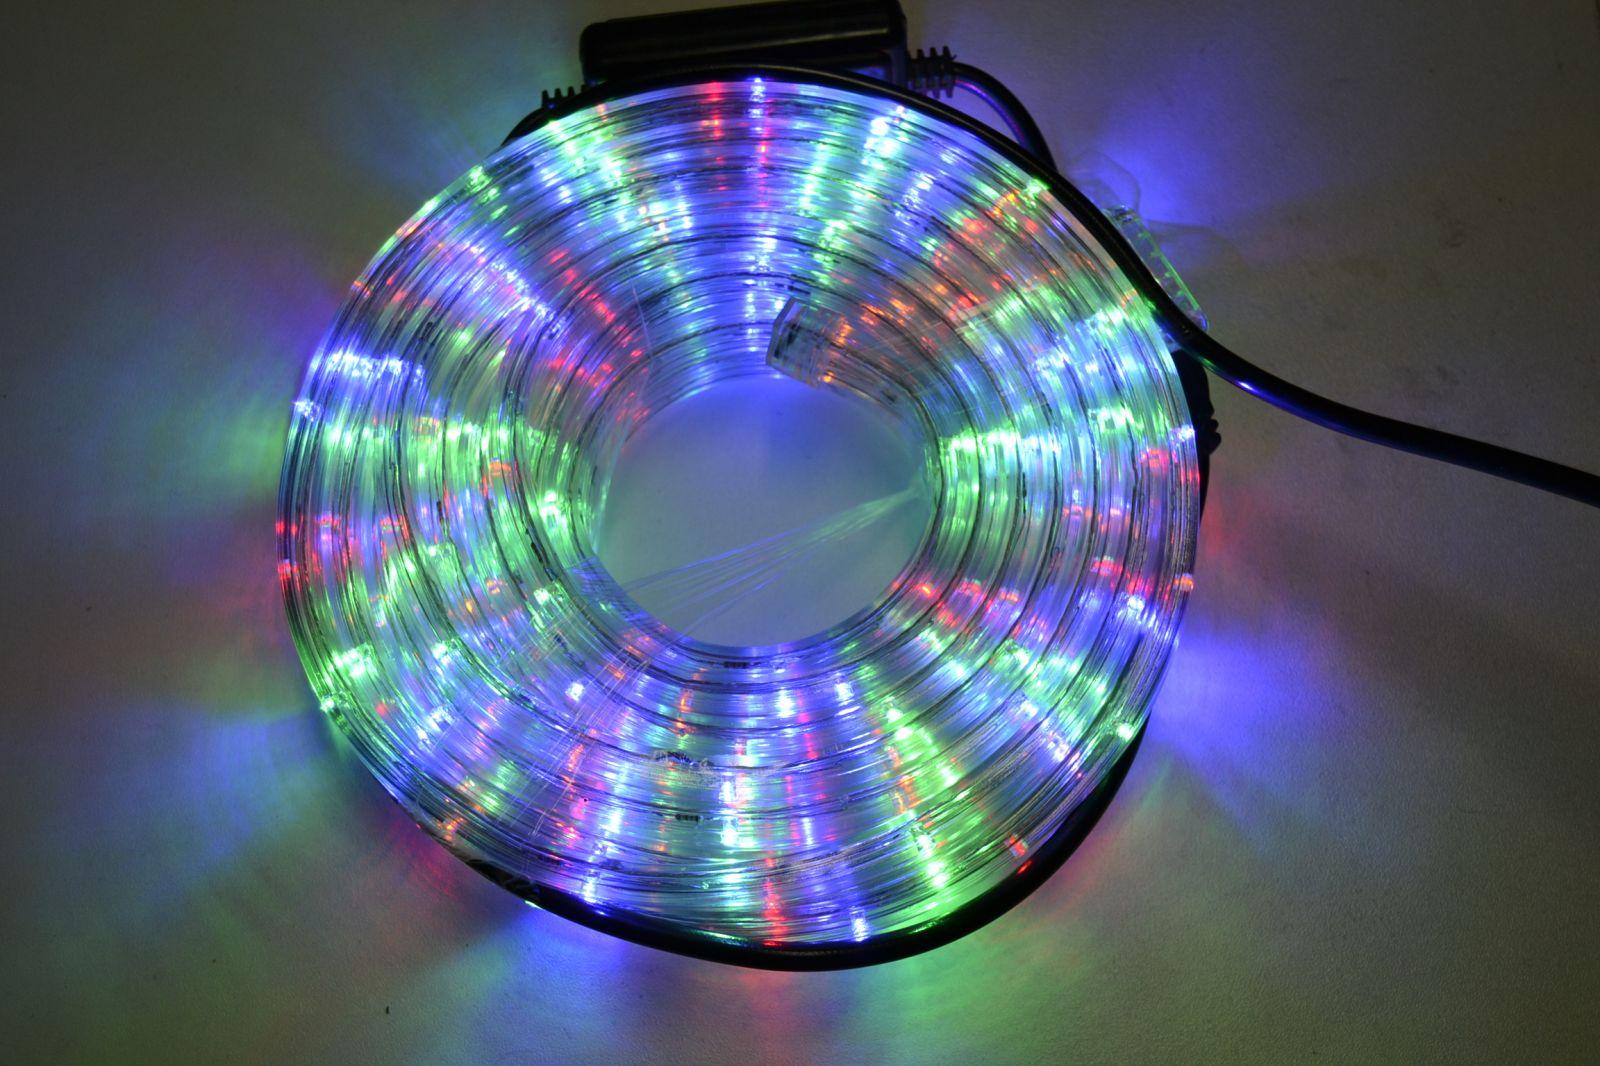 Led světelná trubice 10m barevná - vánoční osvětlení